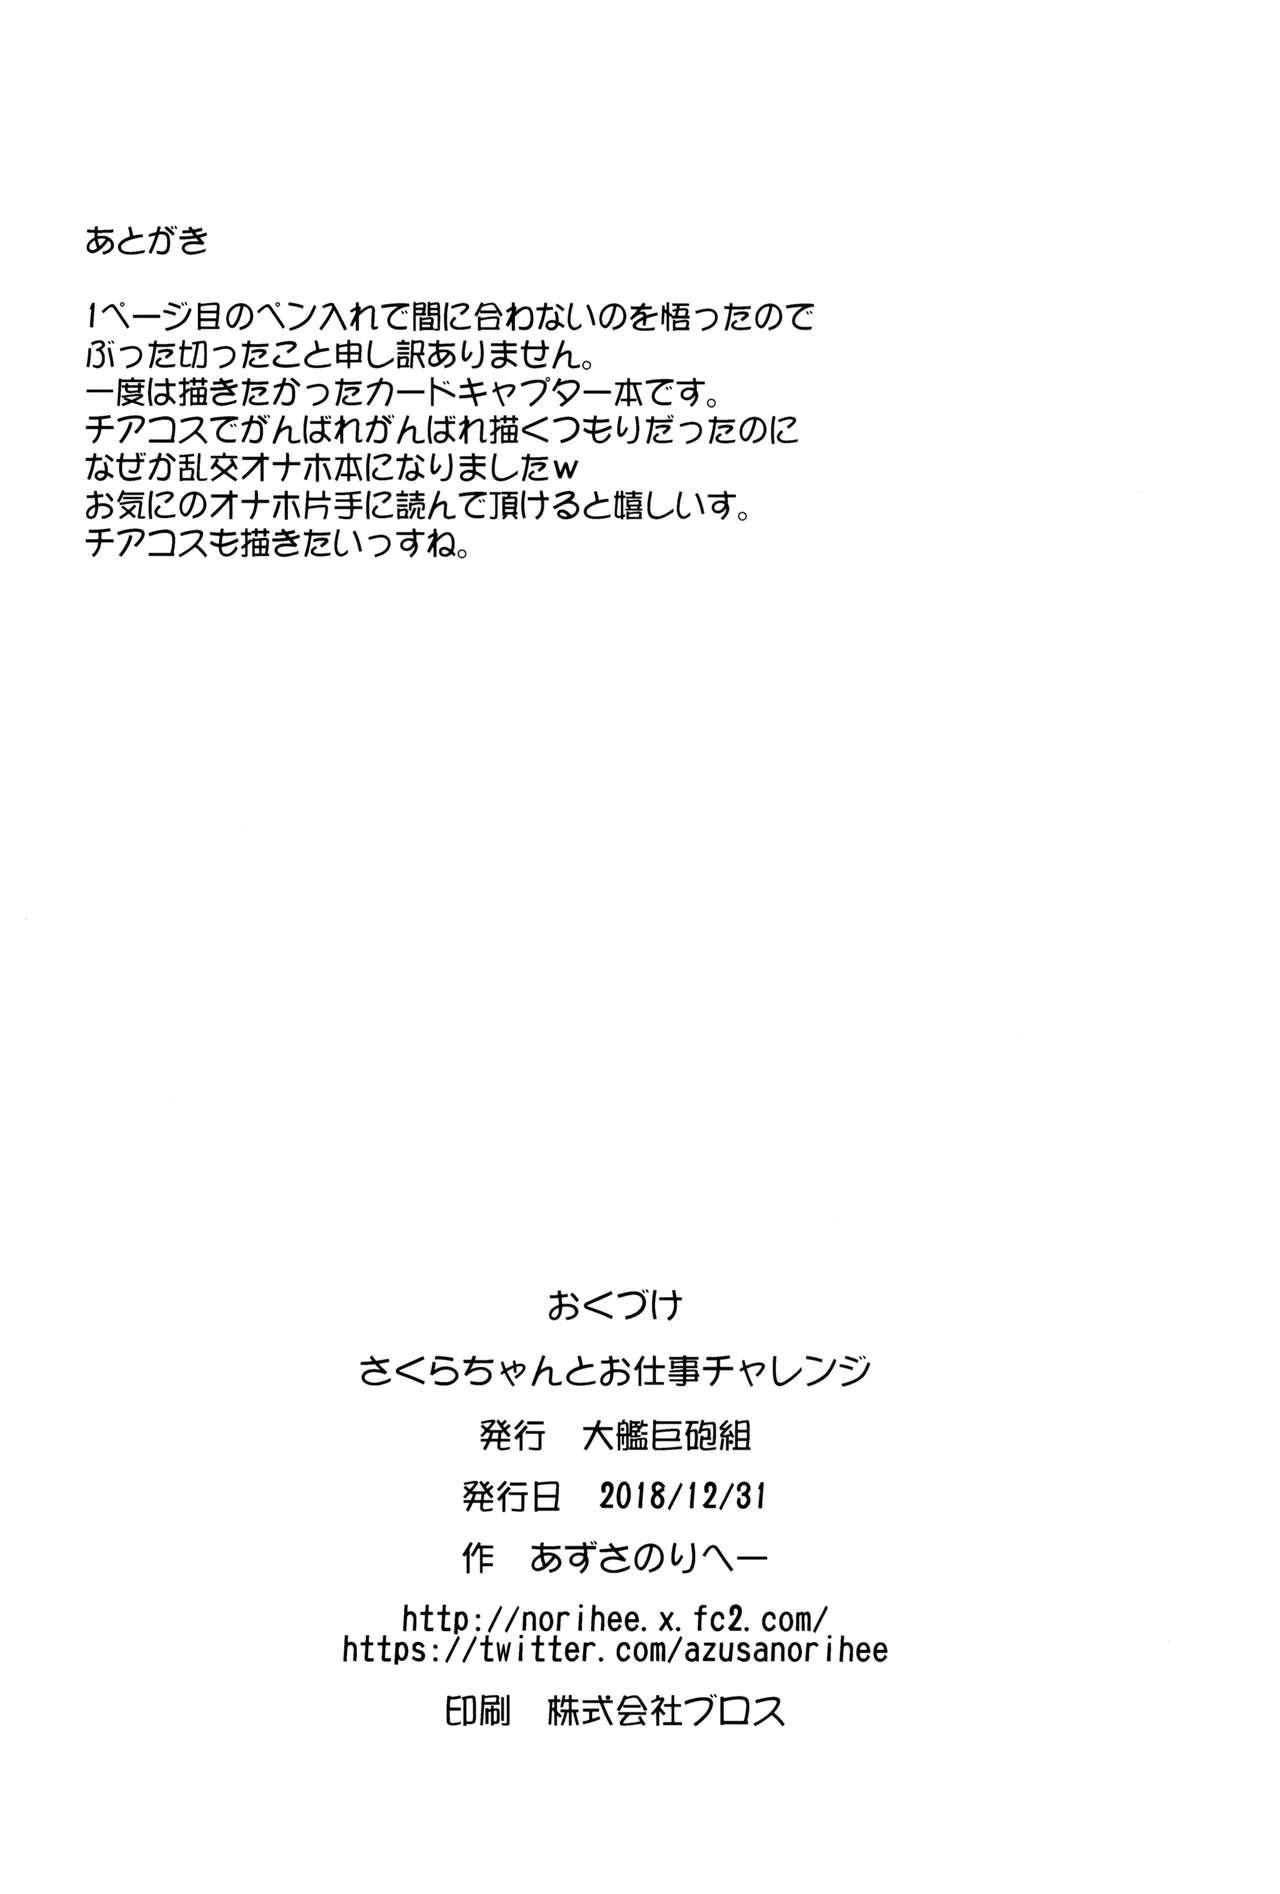 (C95) [Taikan Kyohougumi (Azusa Norihee)] Sakura-chan to Oshigoto Challenge - Ona-Hole Challenge with Sakura (Cardcaptor Sakura) [English] [biribiri] 17